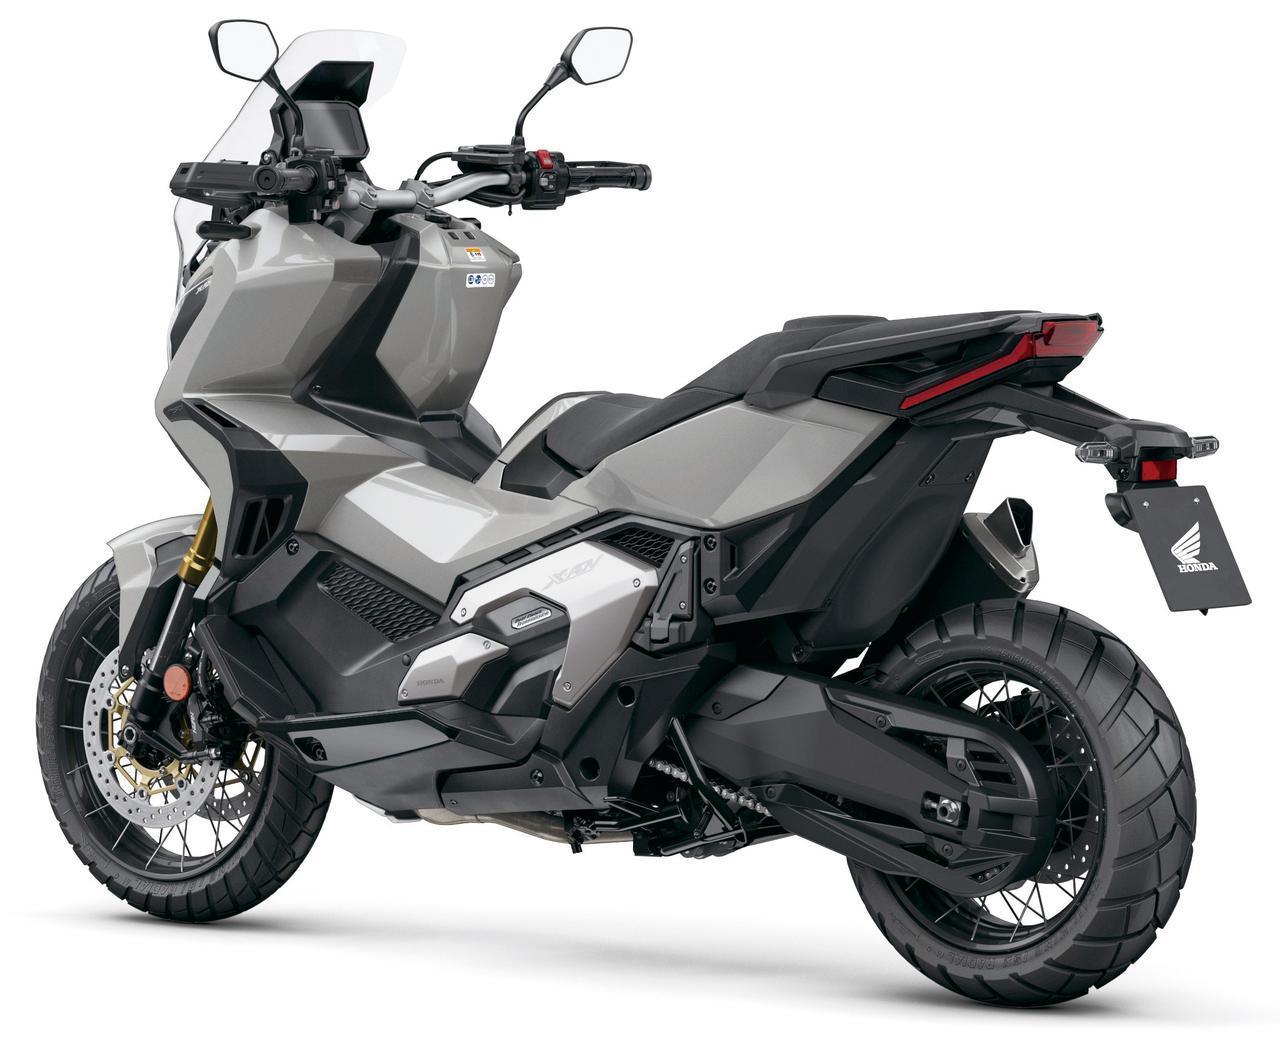 画像1: ホンダ新型「X-ADV」を解説! ワイルドさと高機能に磨きをかけた大型ATアドベンチャーバイクの2021年モデル